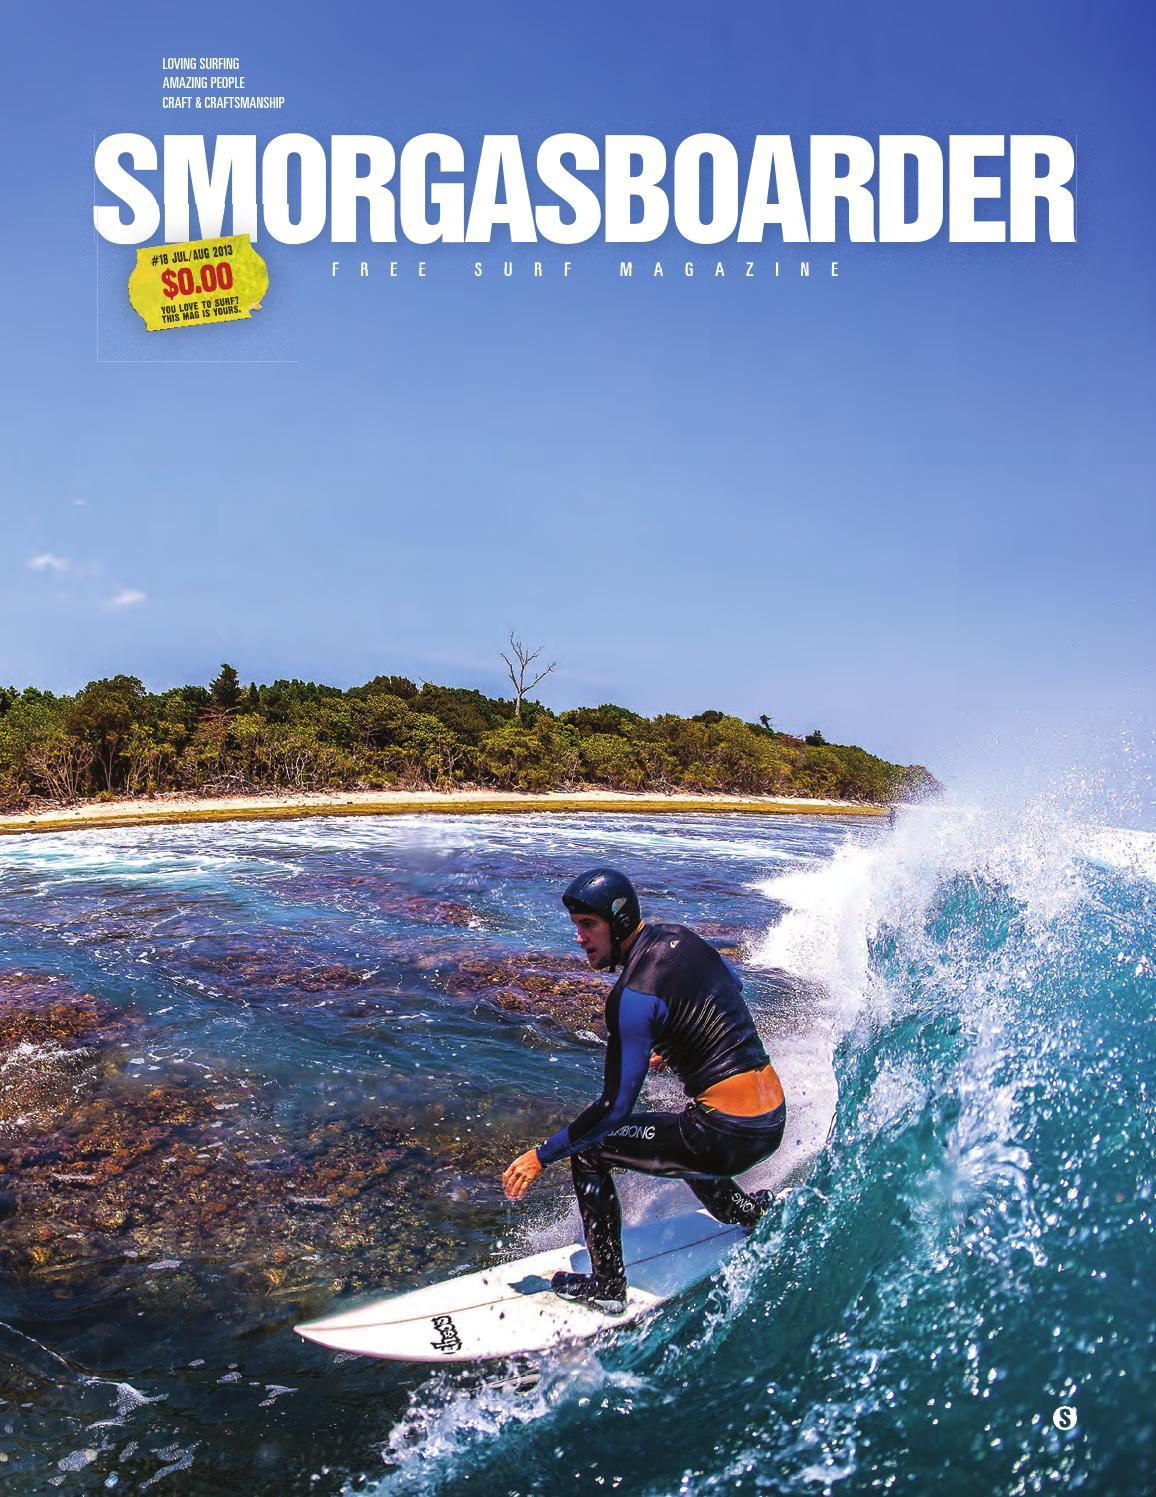 c2ecd4dcc1c2 Smorgasboarder 18 - July 2013 by Smorgasboarder Magazine - issuu